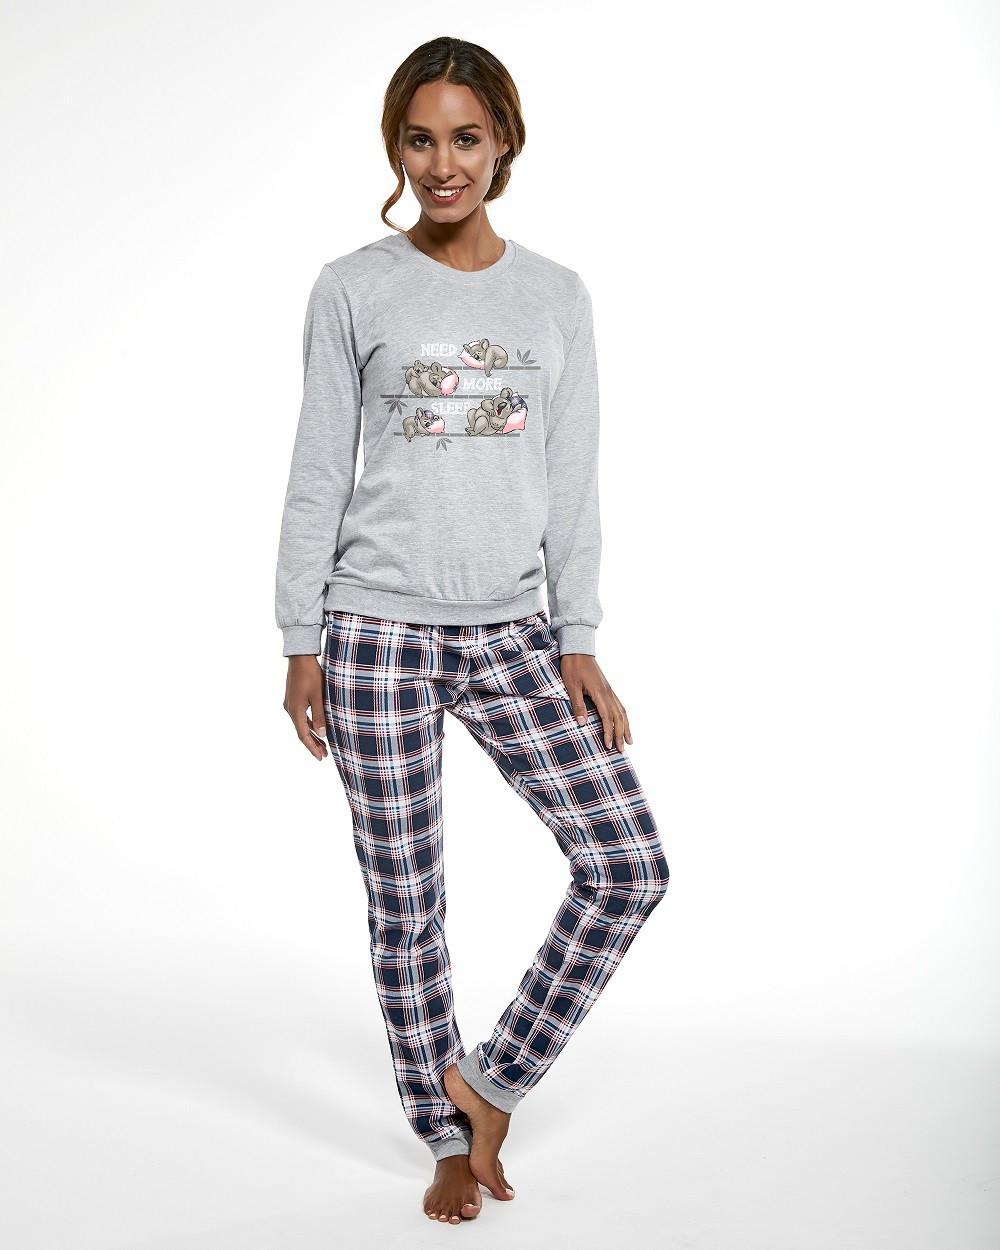 Женская пижама.Польша. CORNETTE 671/232 KOALA